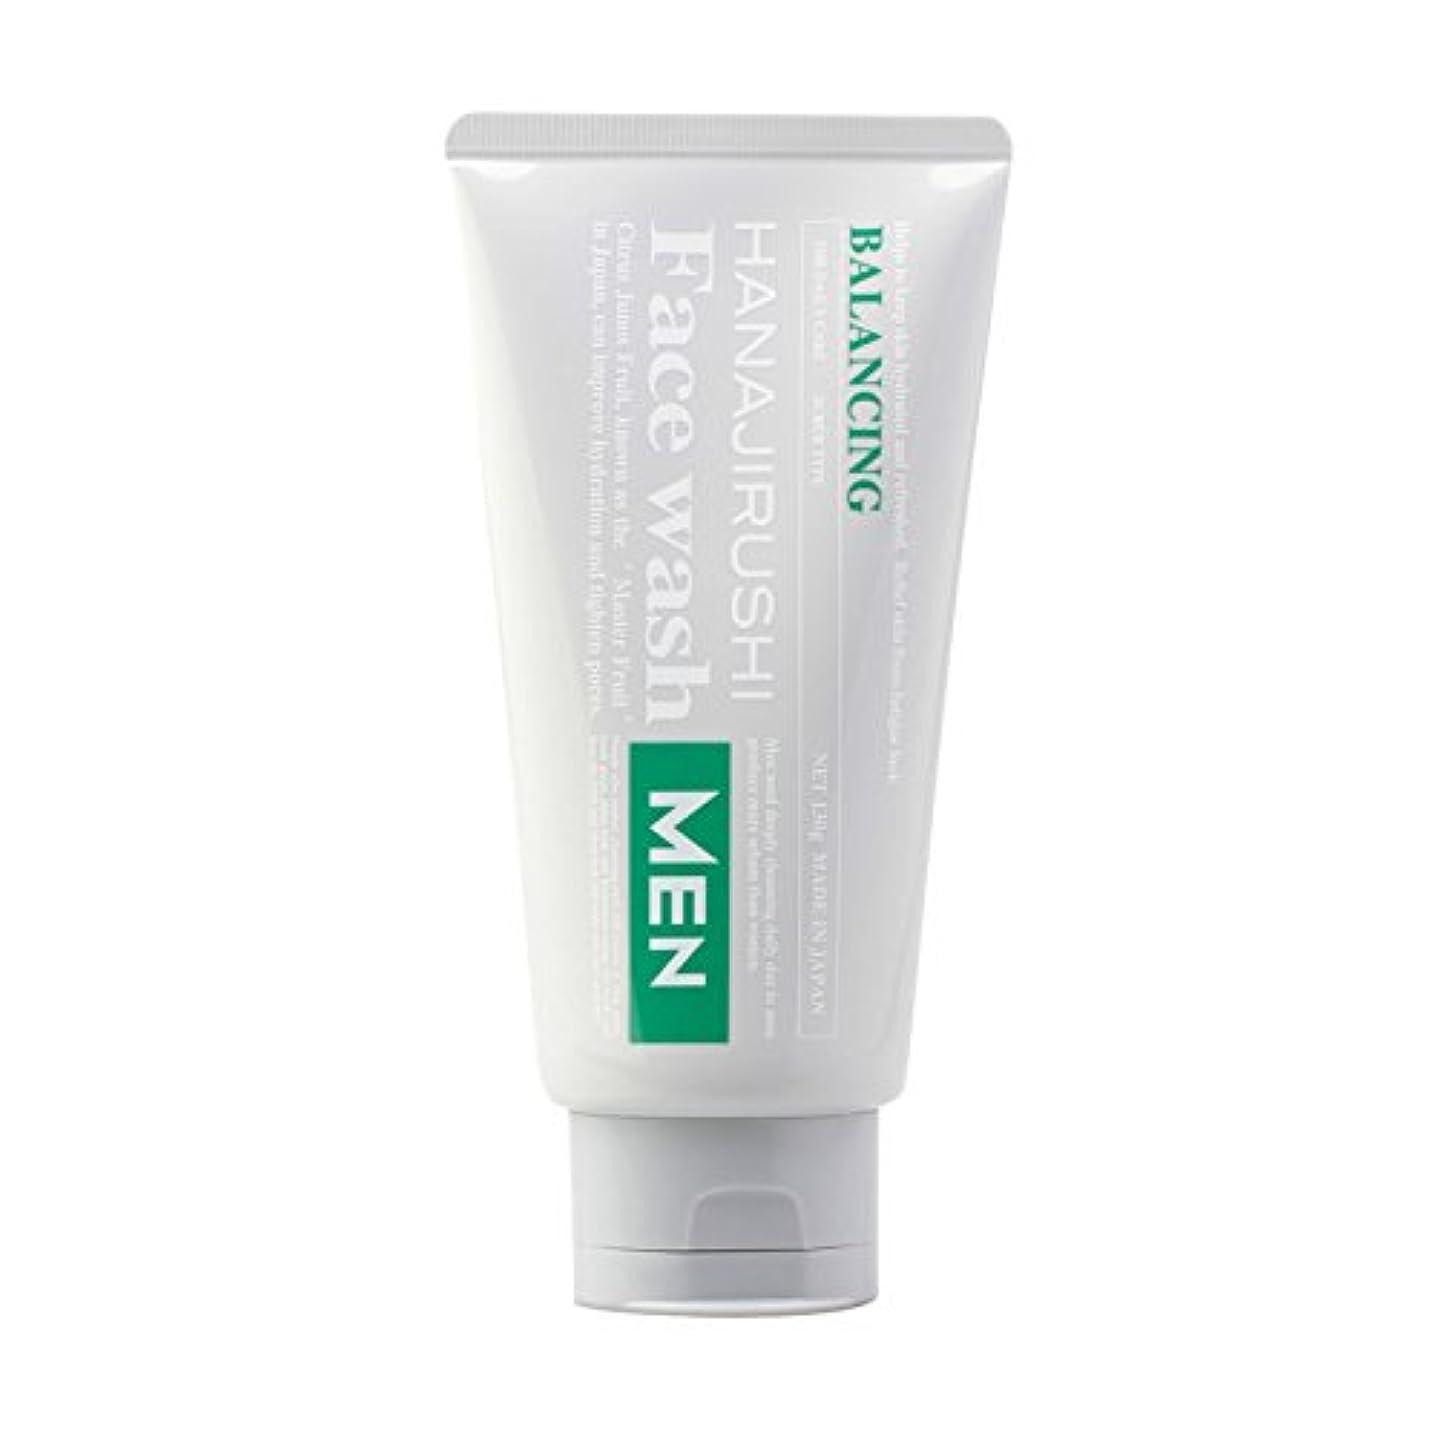 不調和である包囲花印 メンズバランシング洗顔 (130g)